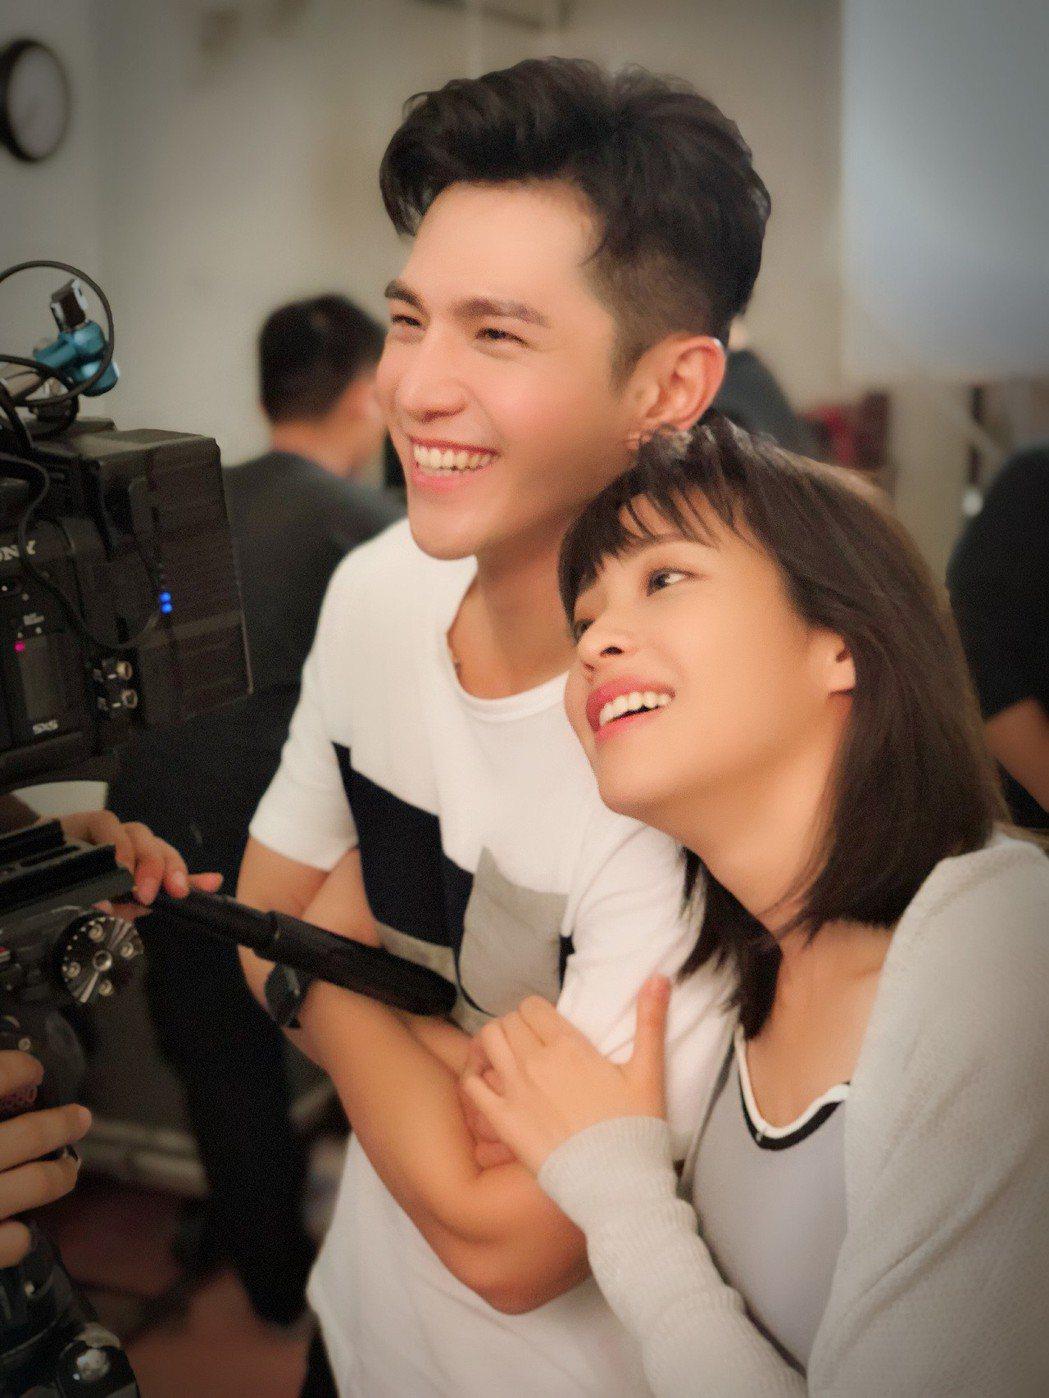 袁詠琳(右)與祖雄在「秘密情人」中有許多親密戲。圖/CHOCO TV提供